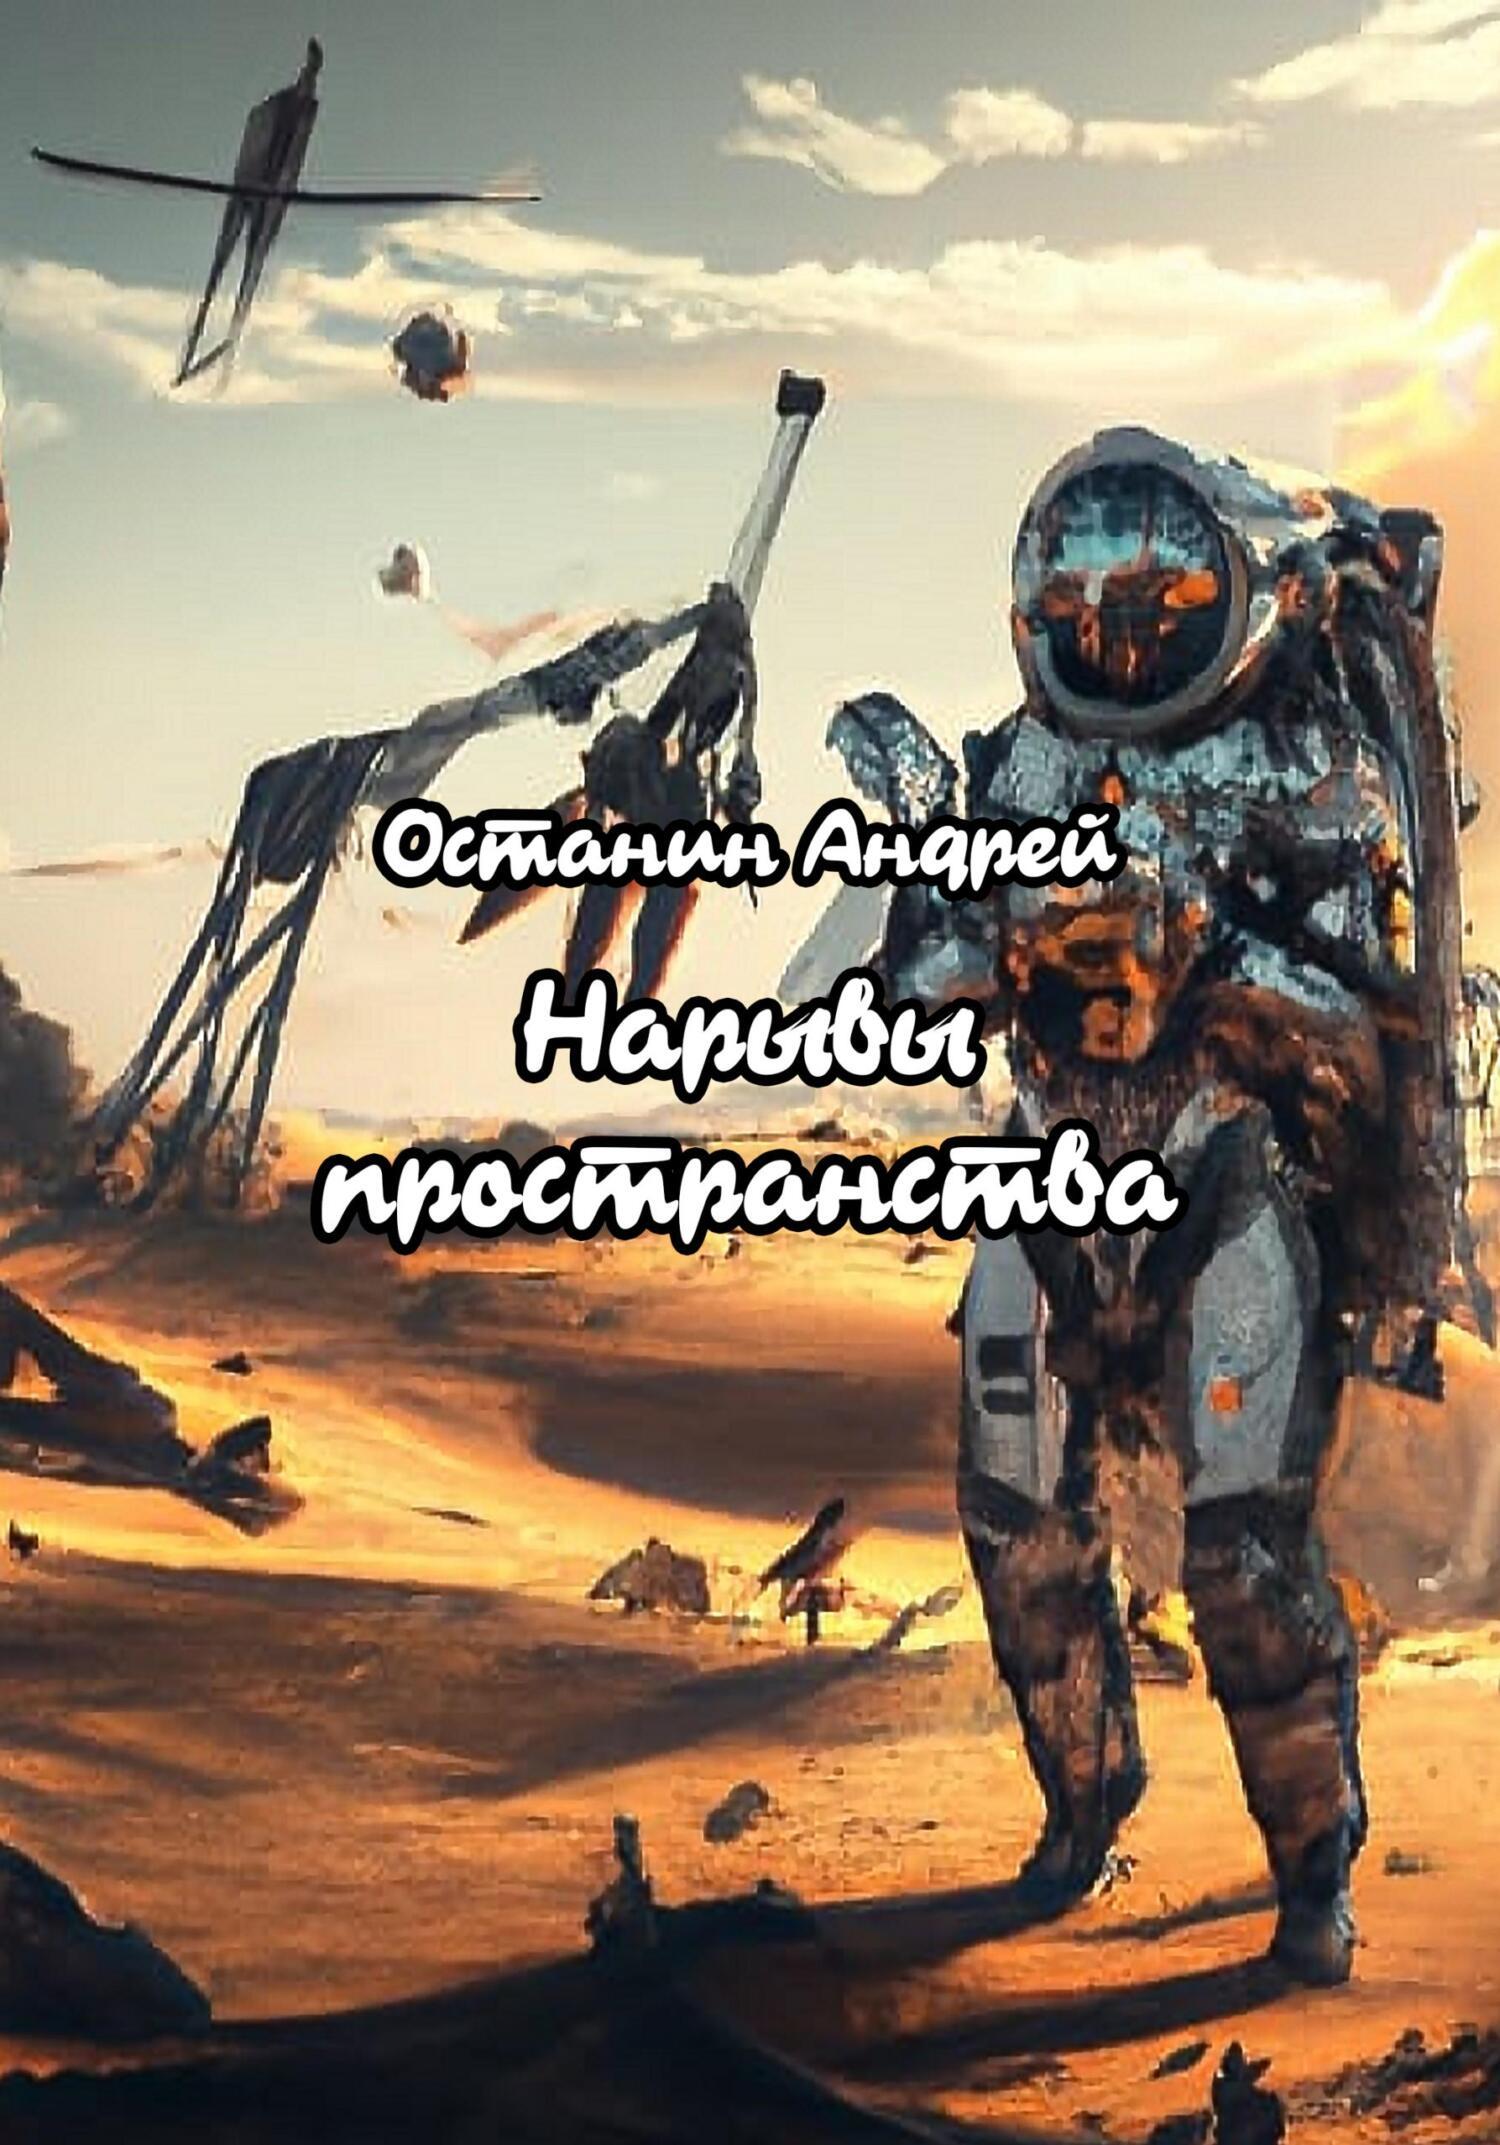 Андрей Останин - Нарывы пространства